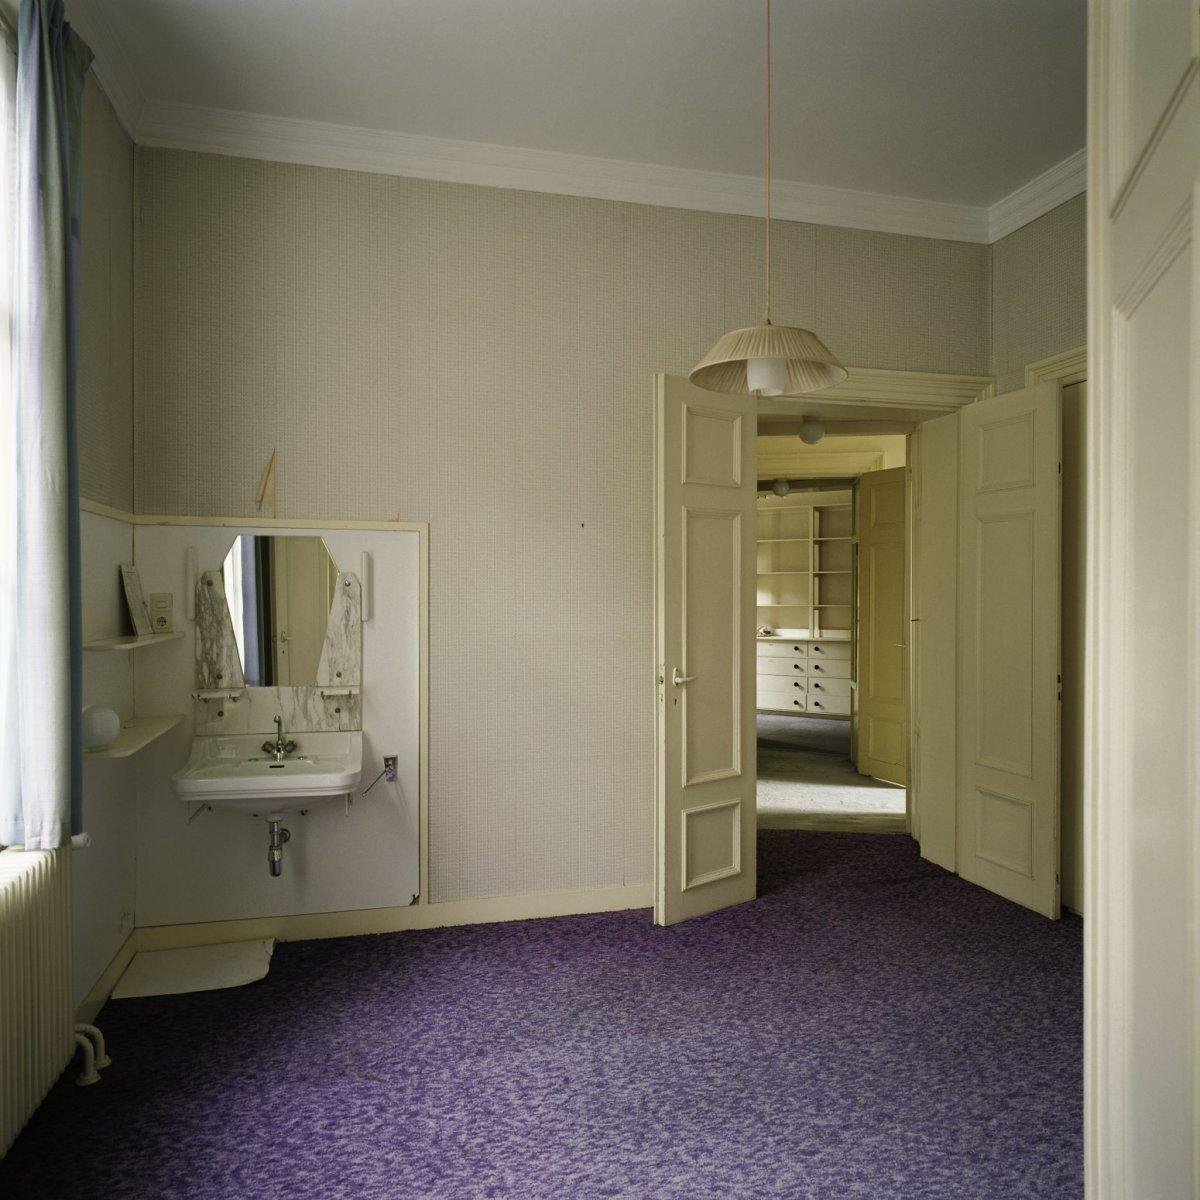 File interieur overzicht van slaapkamer met wastafel en met doorkijk naar de achtergelegen hal - Interieur slaapkamer ...